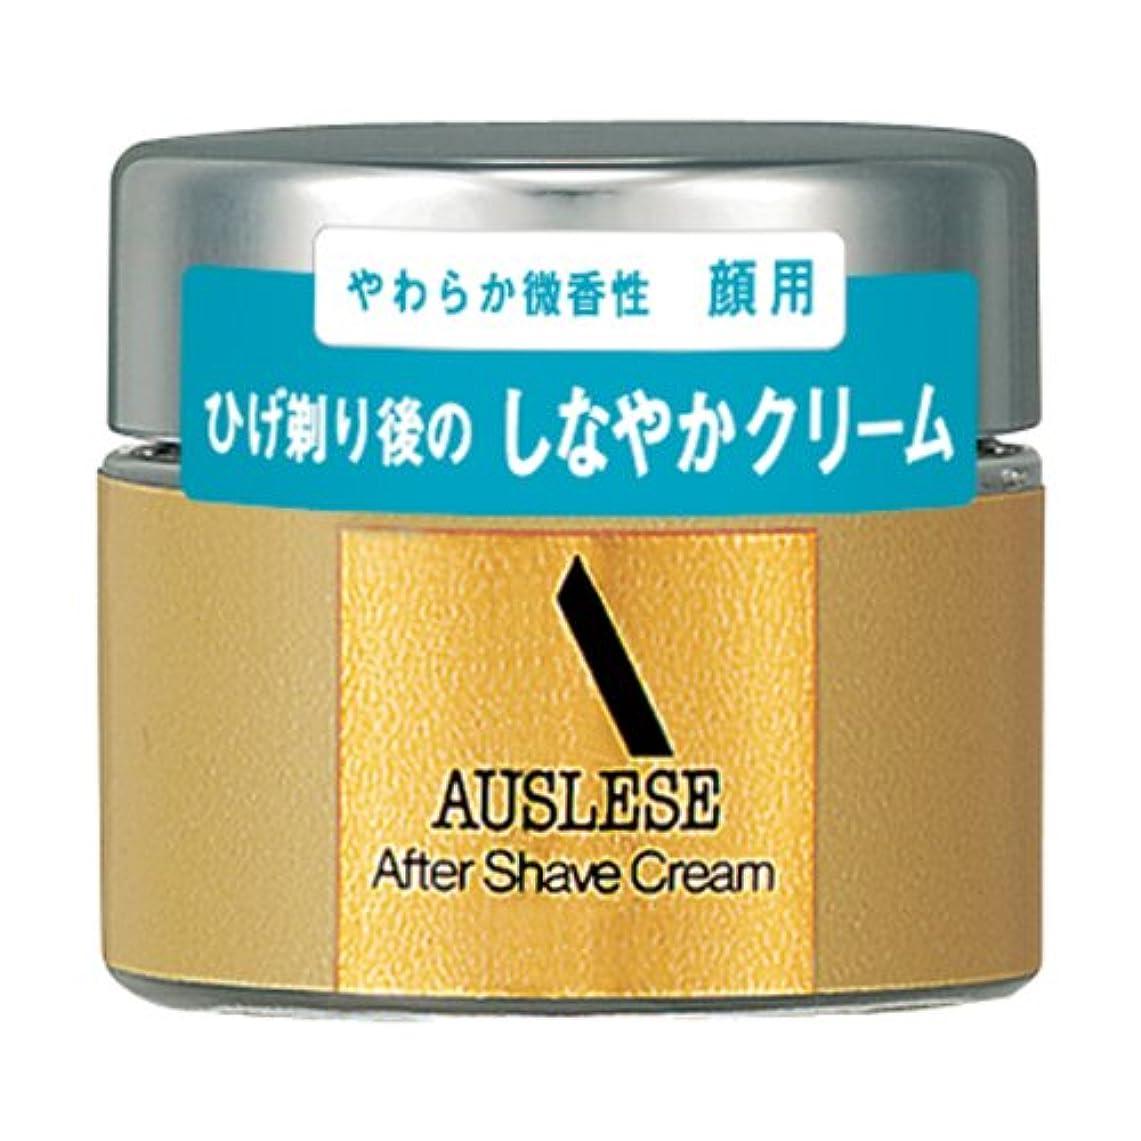 レタスうなる資料アウスレーゼ アフターシェーブクリームNA 30g 【医薬部外品】